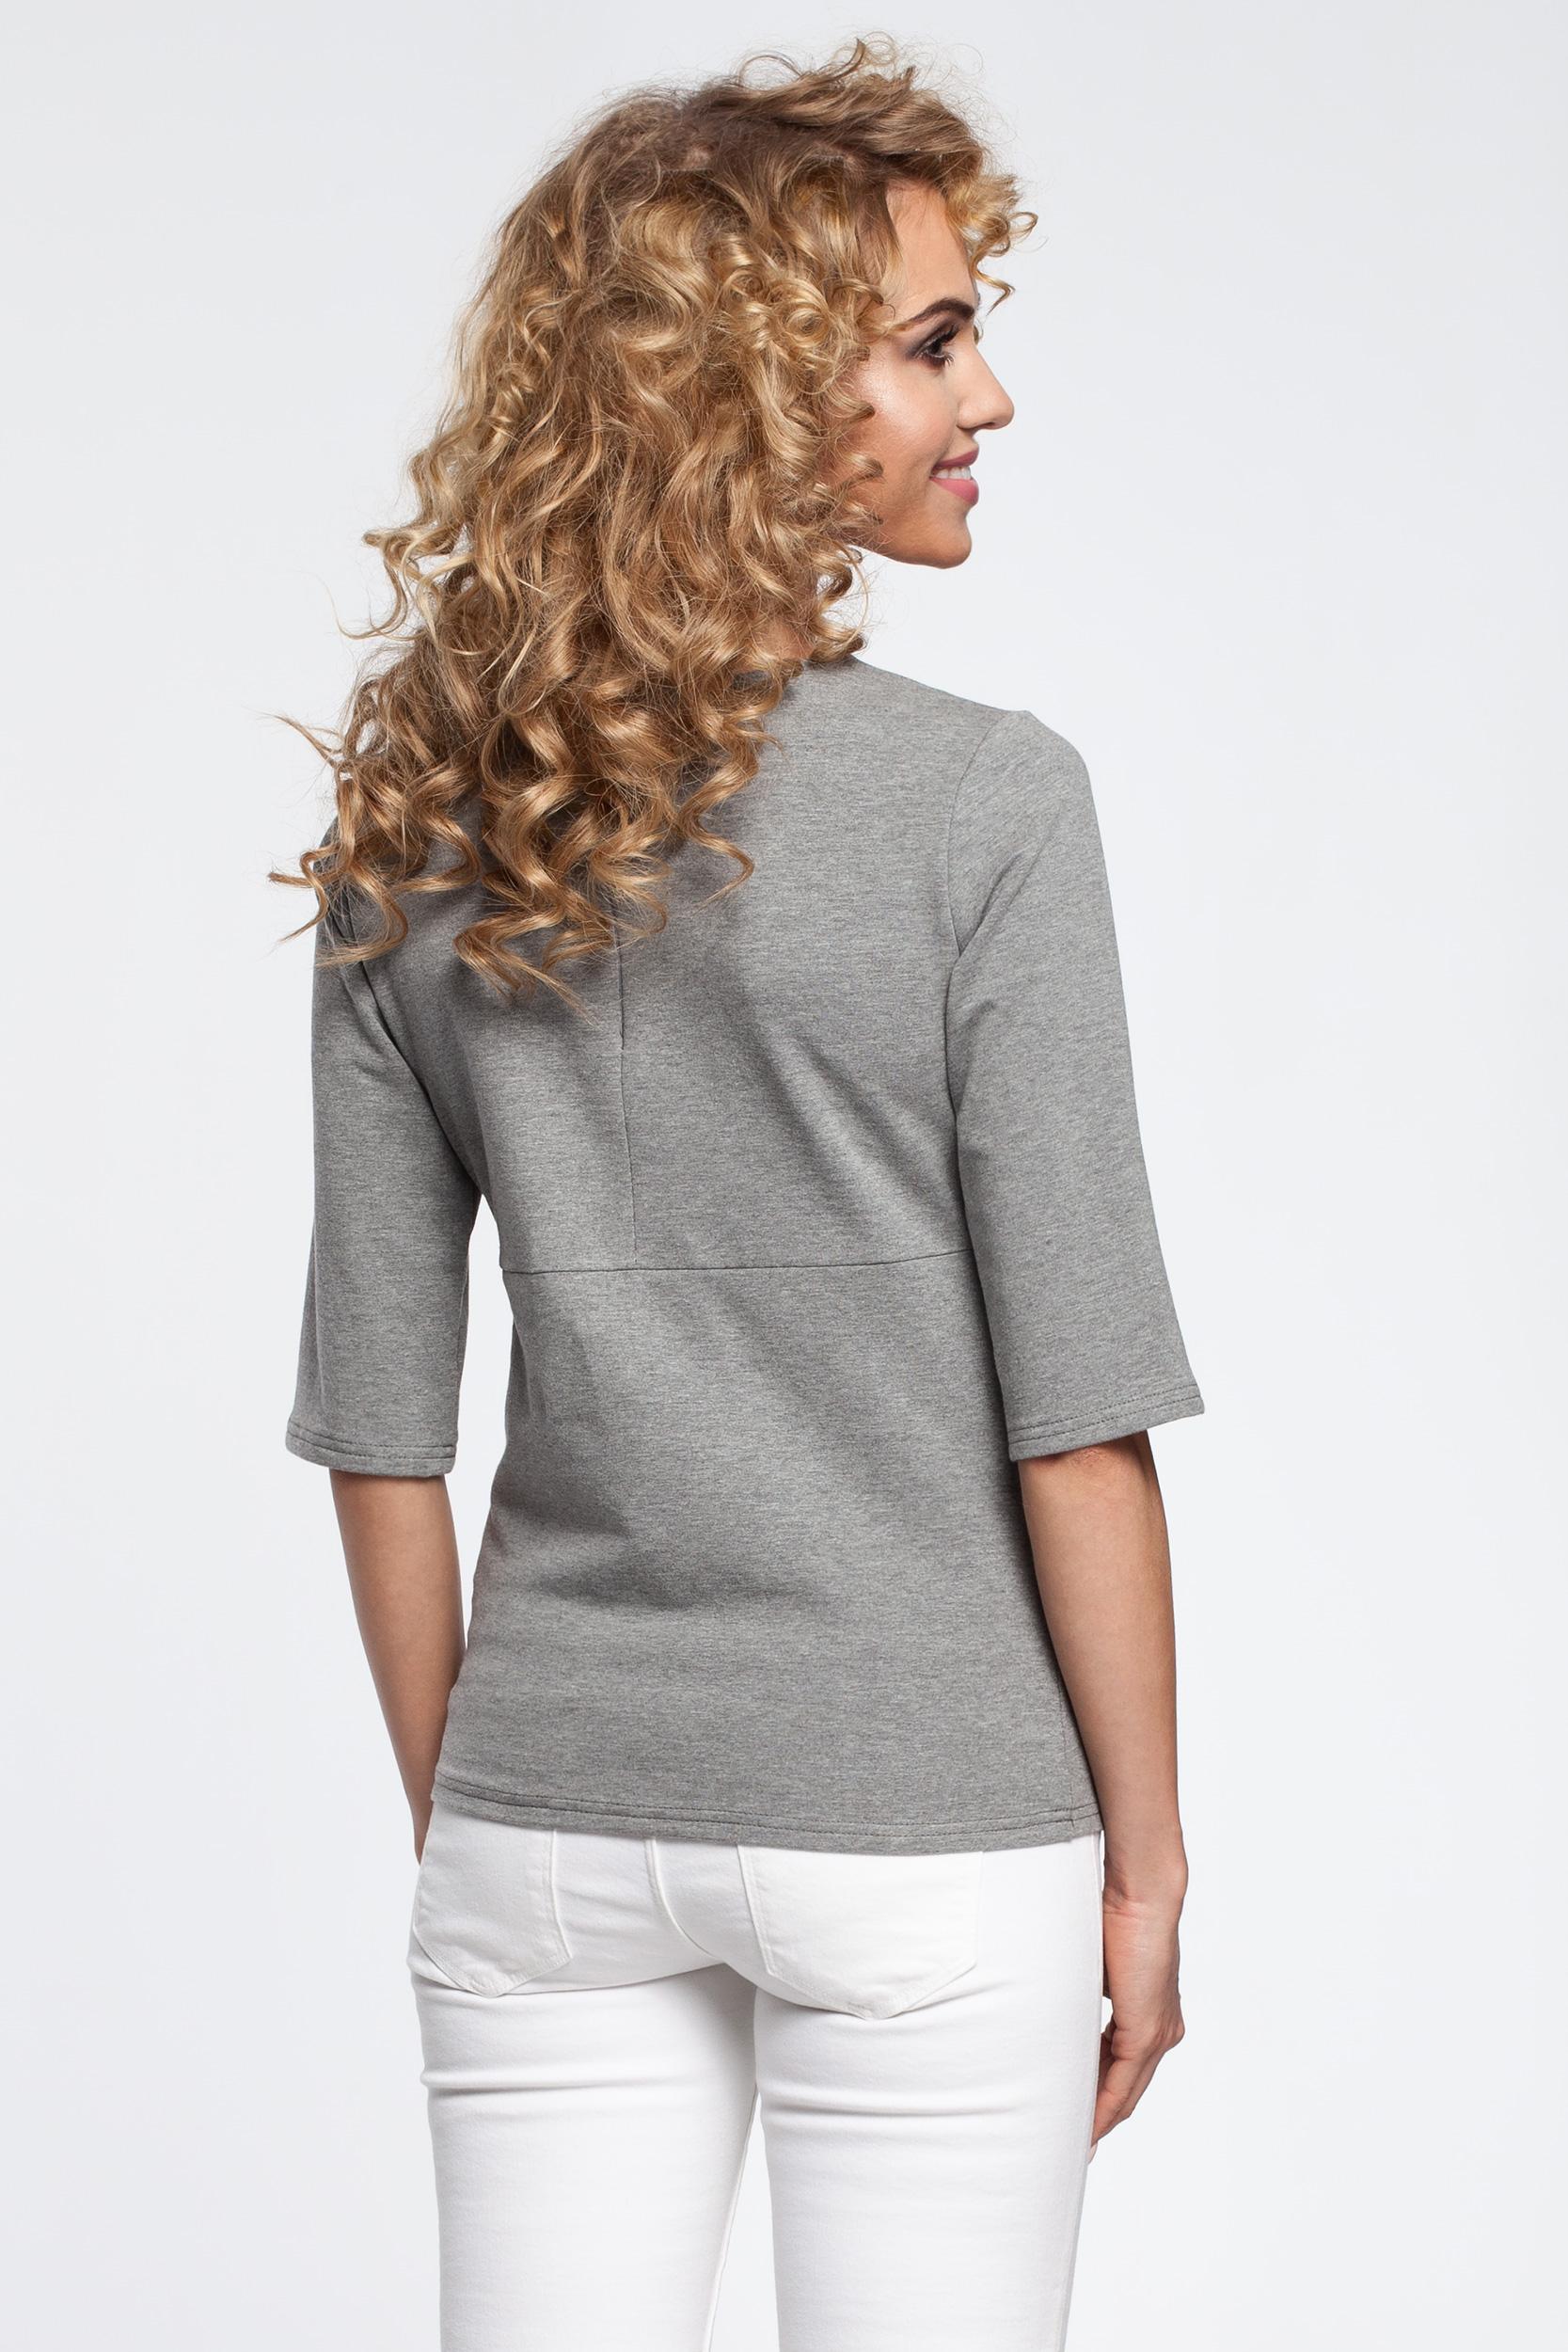 CM2903 Damska bluzka z zaszewkami i paskiem - szara